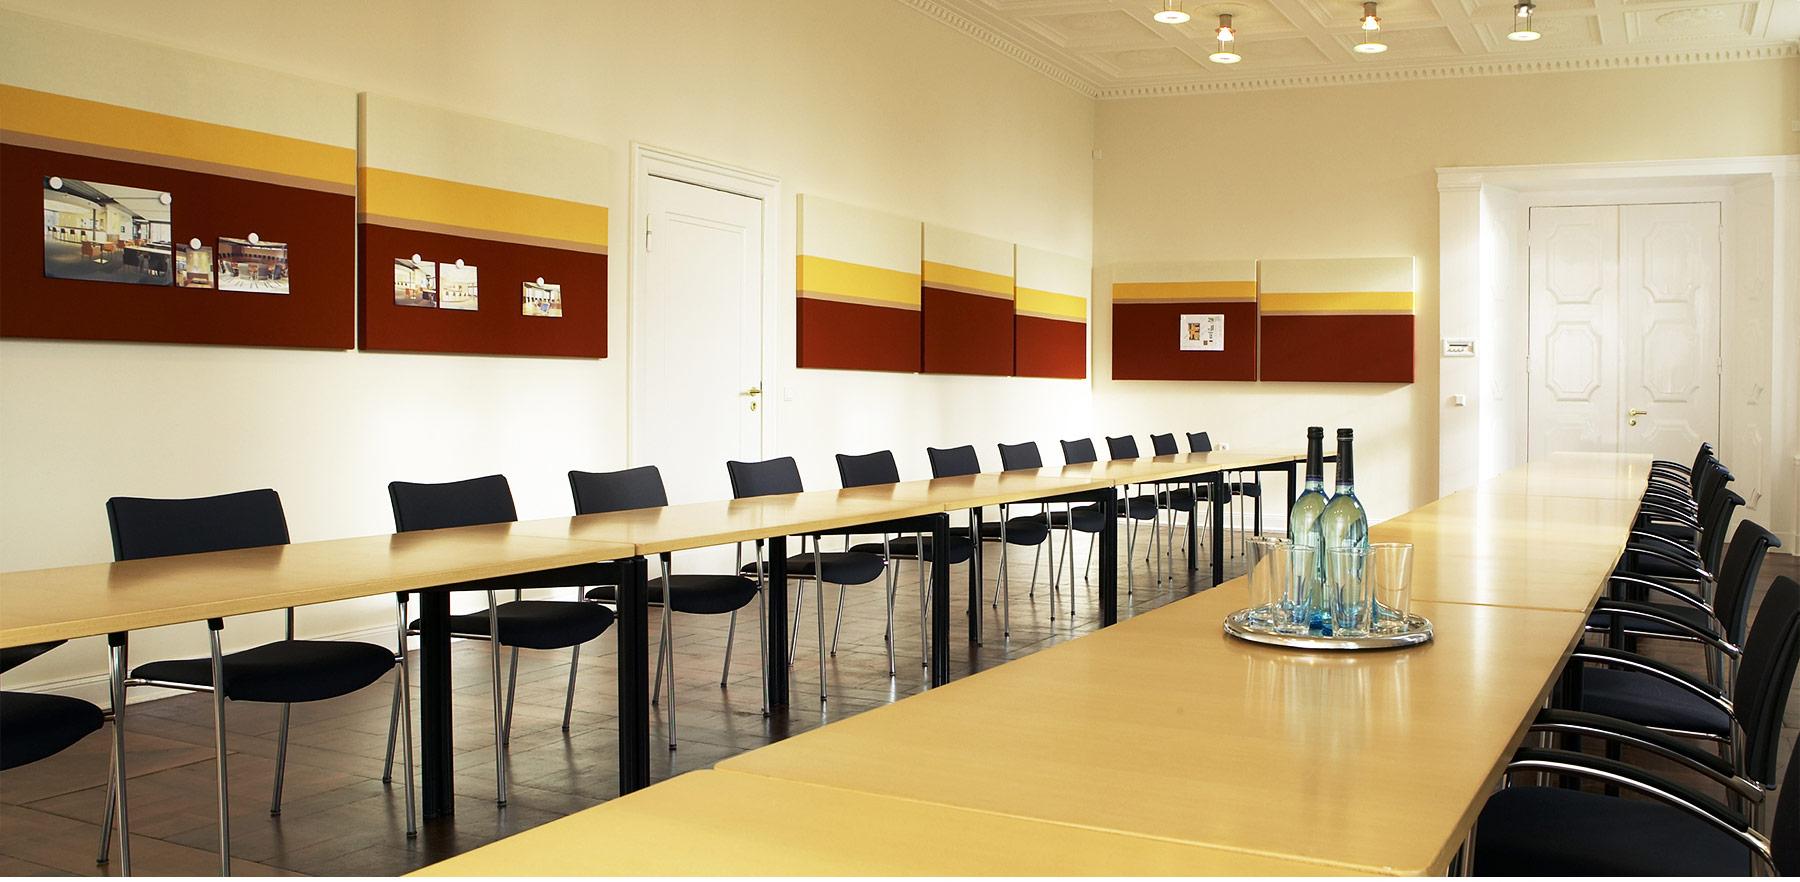 Referenz Innenarchitektur SDW DESIGN Schloss Hasenwinkel Konferenzraum Gestaltung